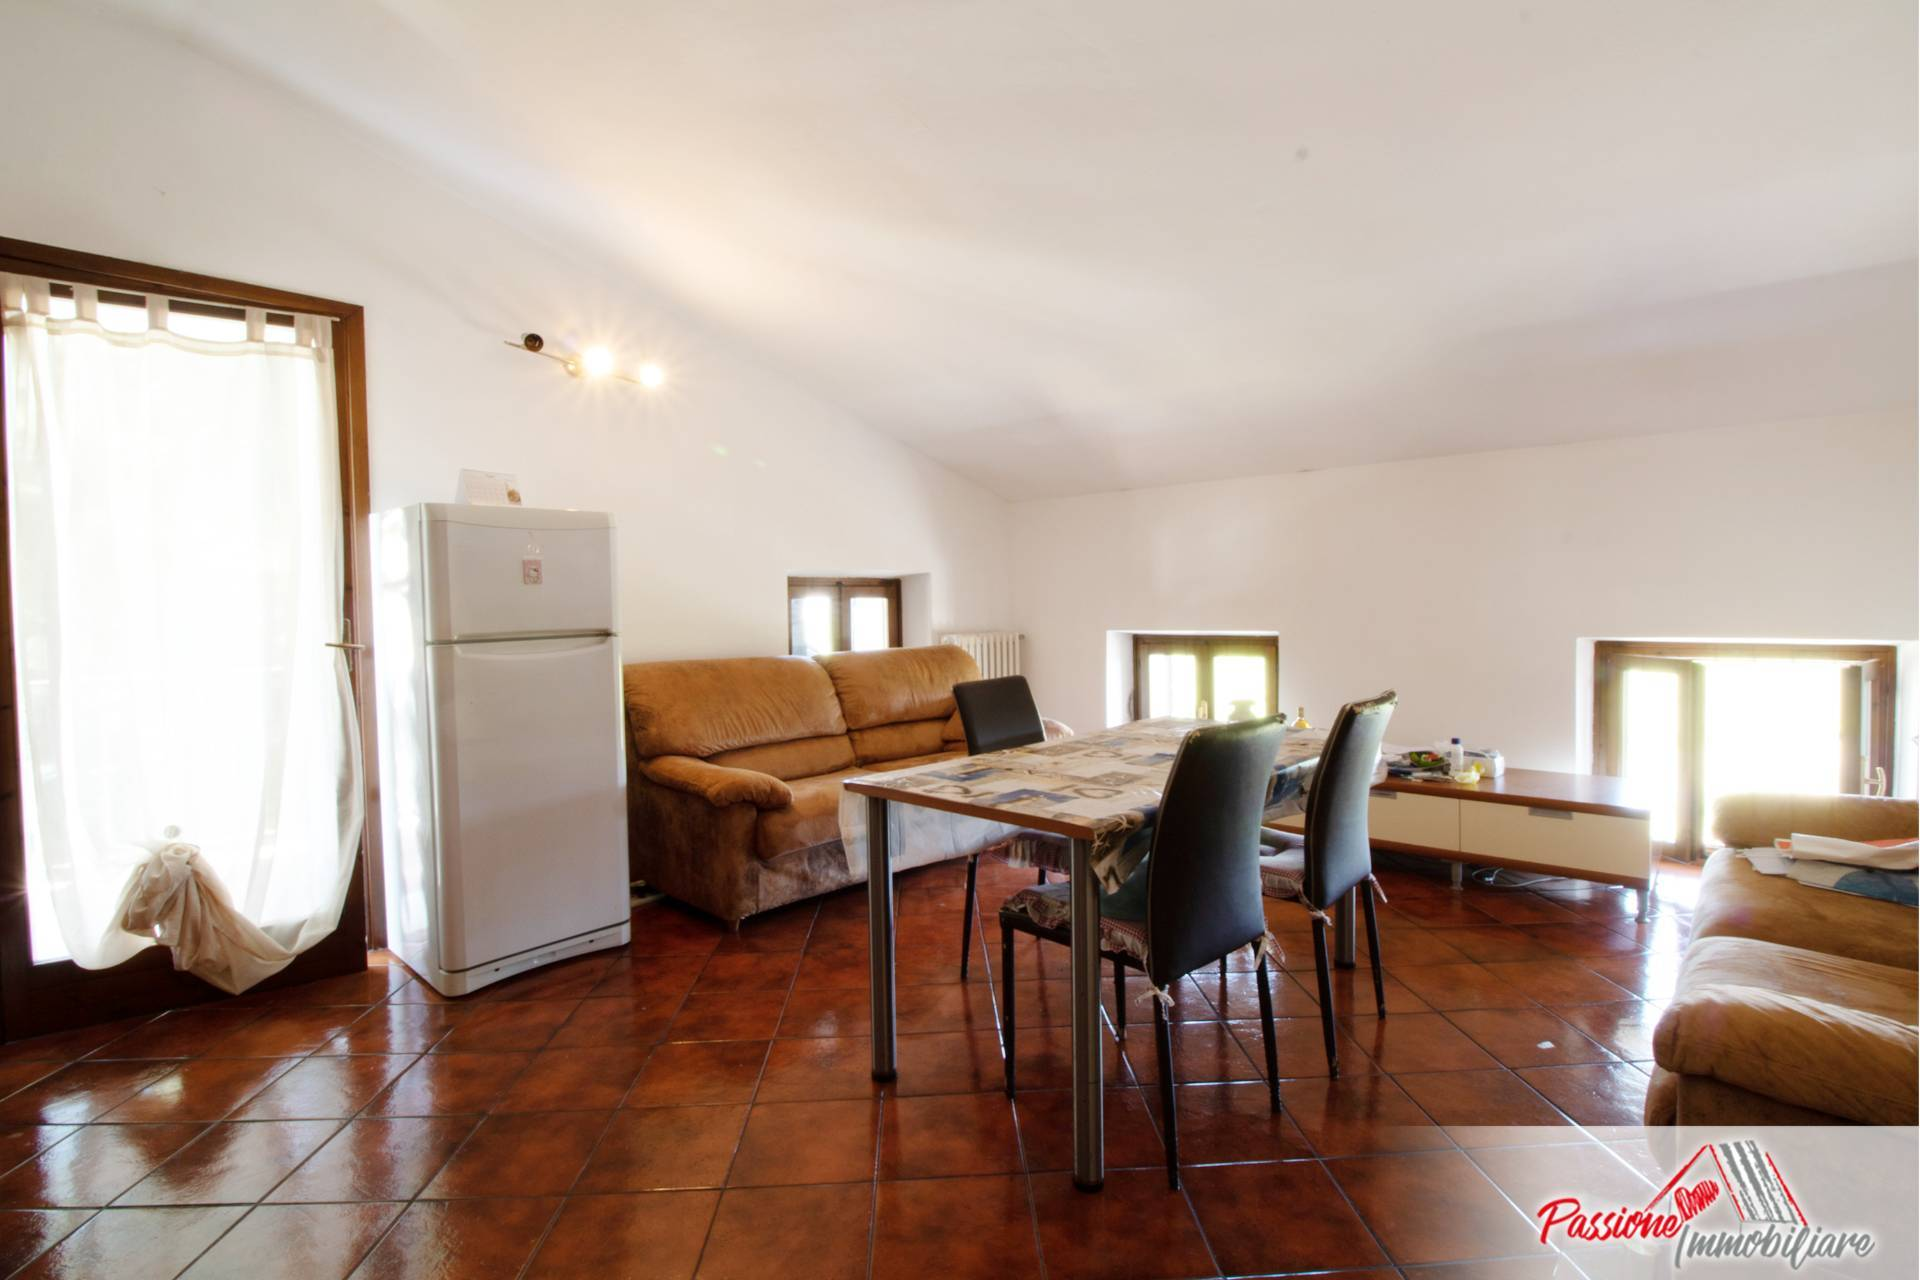 Appartamento in vendita a Sona, 3 locali, zona gnano, prezzo € 135.000   PortaleAgenzieImmobiliari.it